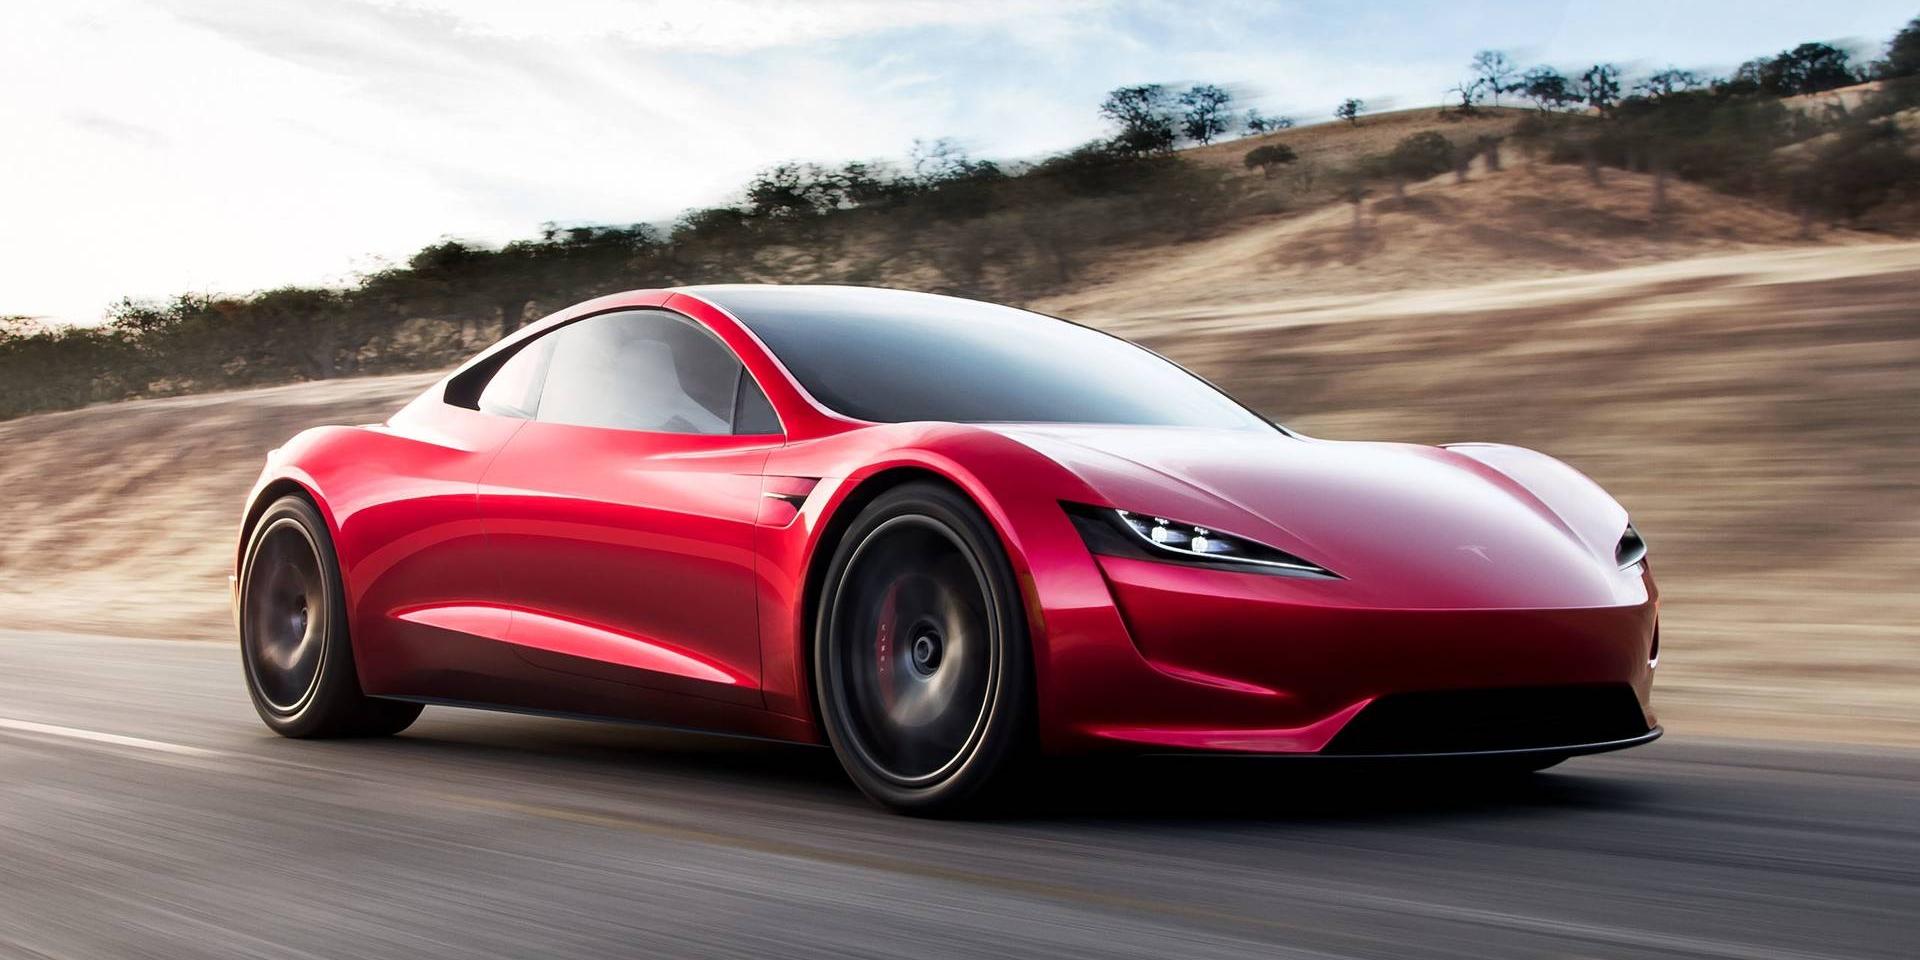 Tesla再掀話題,0-96km/h只要1.9秒即可完成!